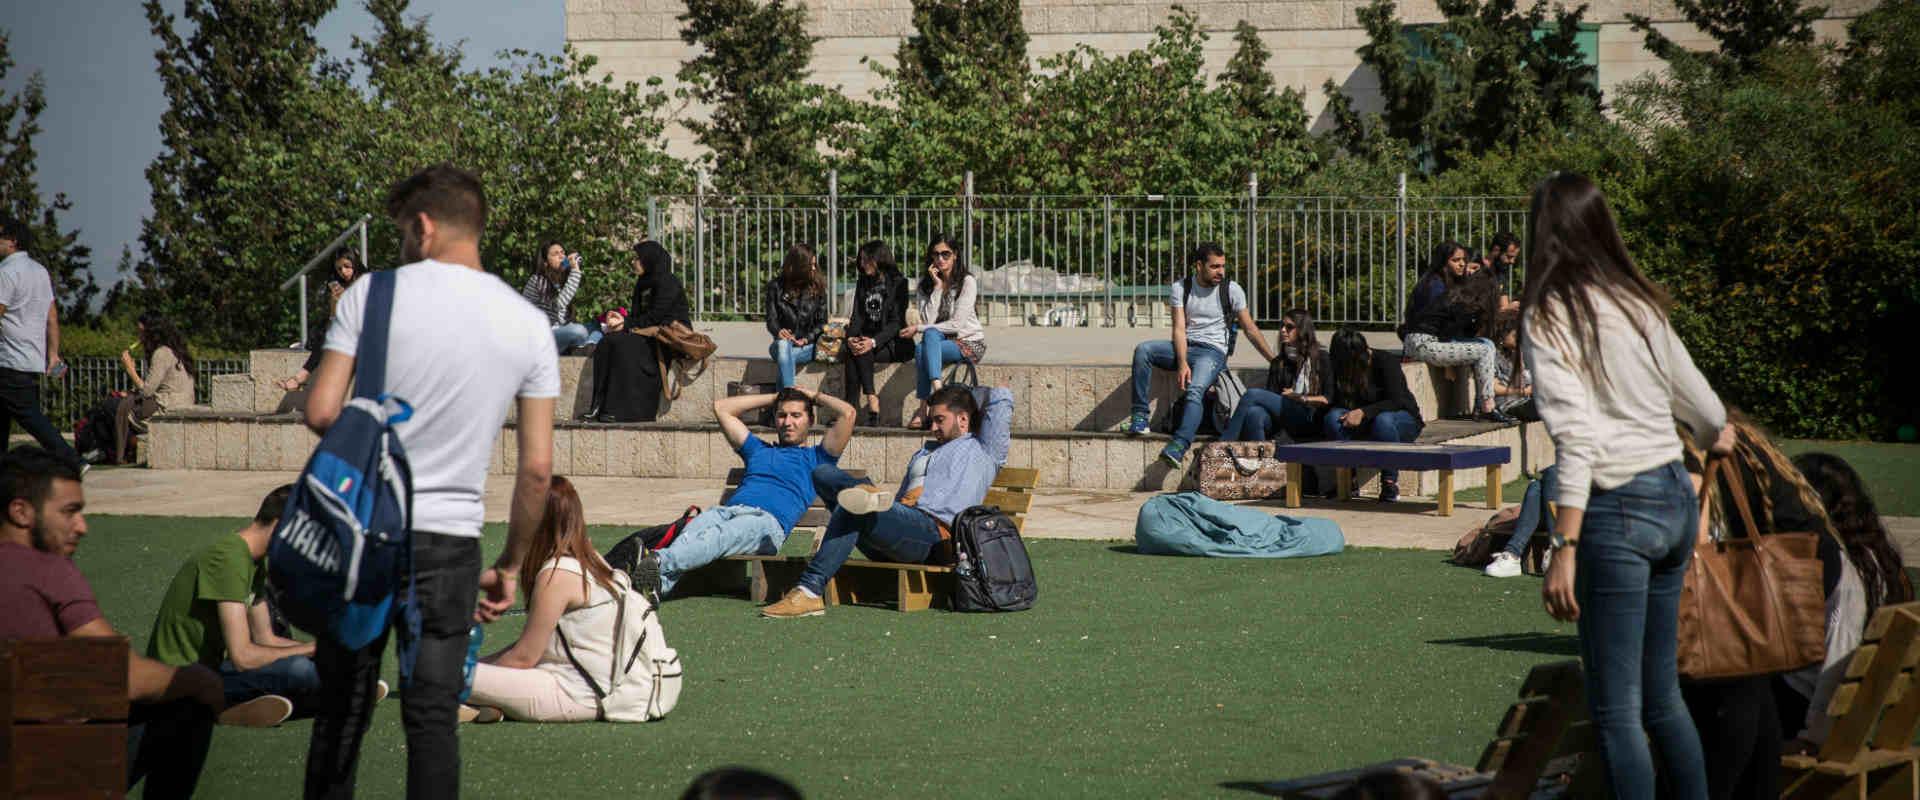 סטודנטים באוניברסיטה